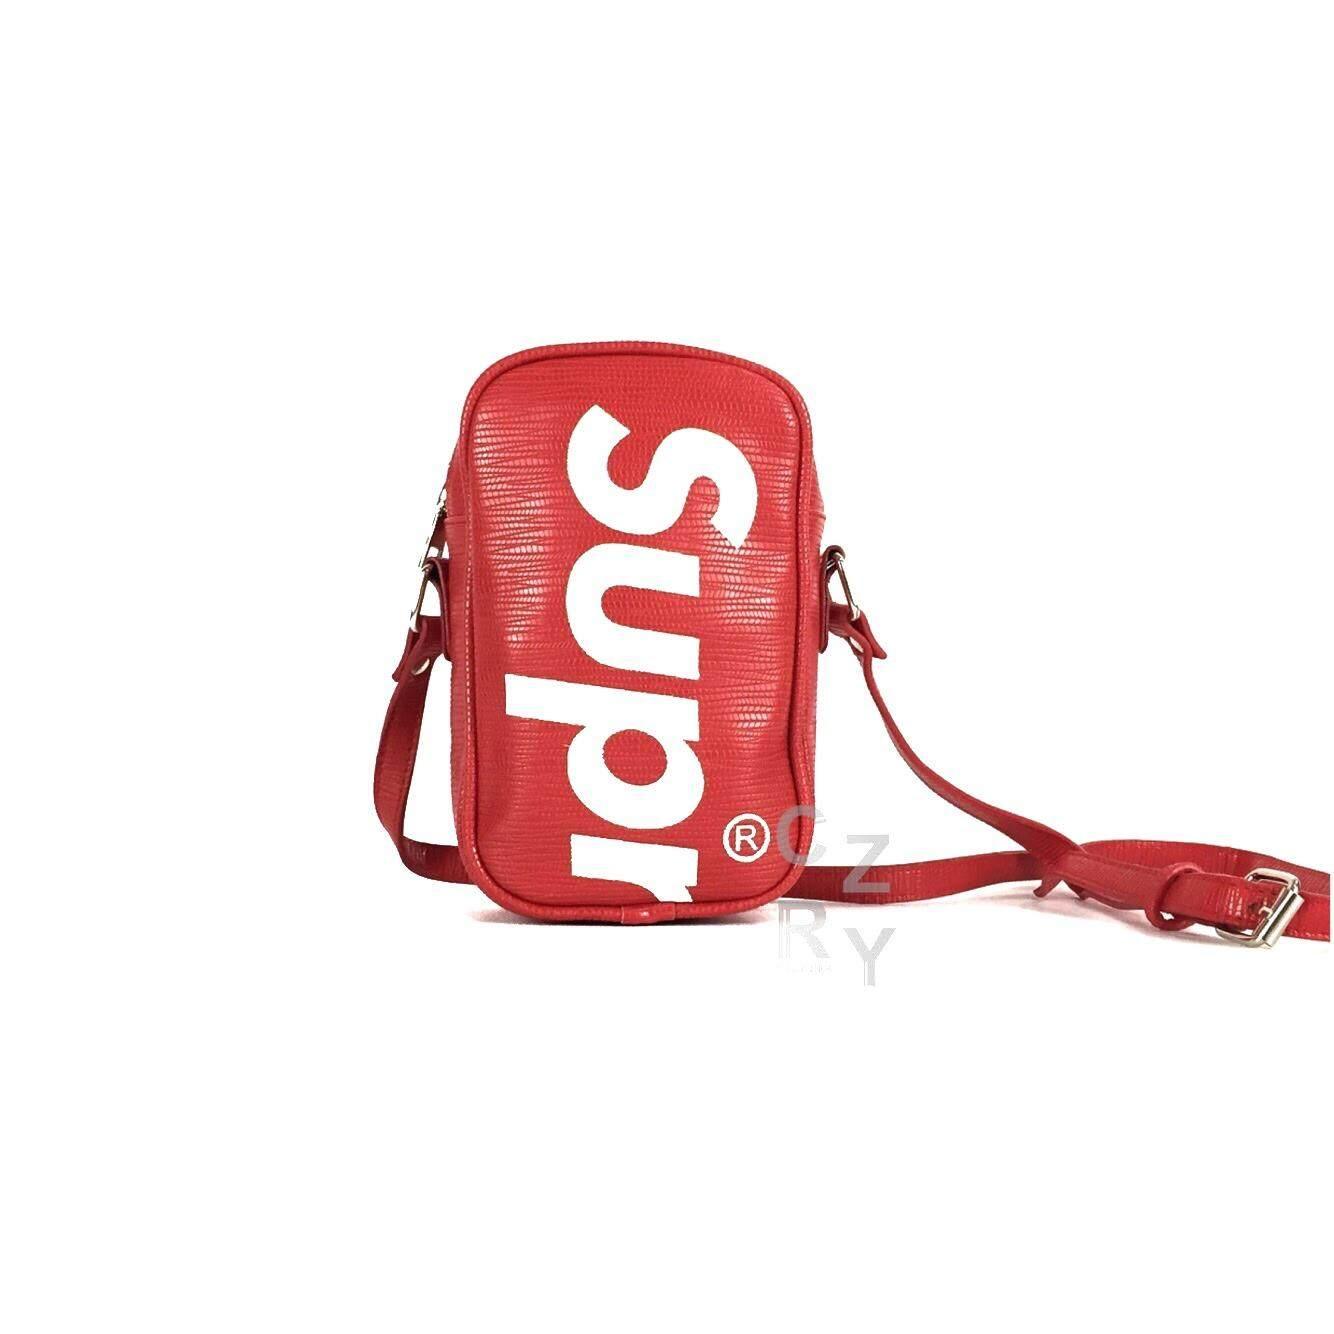 ขาย Crzy Bkk กระเป๋าสะพาย Supreme สุดฮิต รุ่น A033 สี Red มีหลายสีให้เลือก ผู้ค้าส่ง